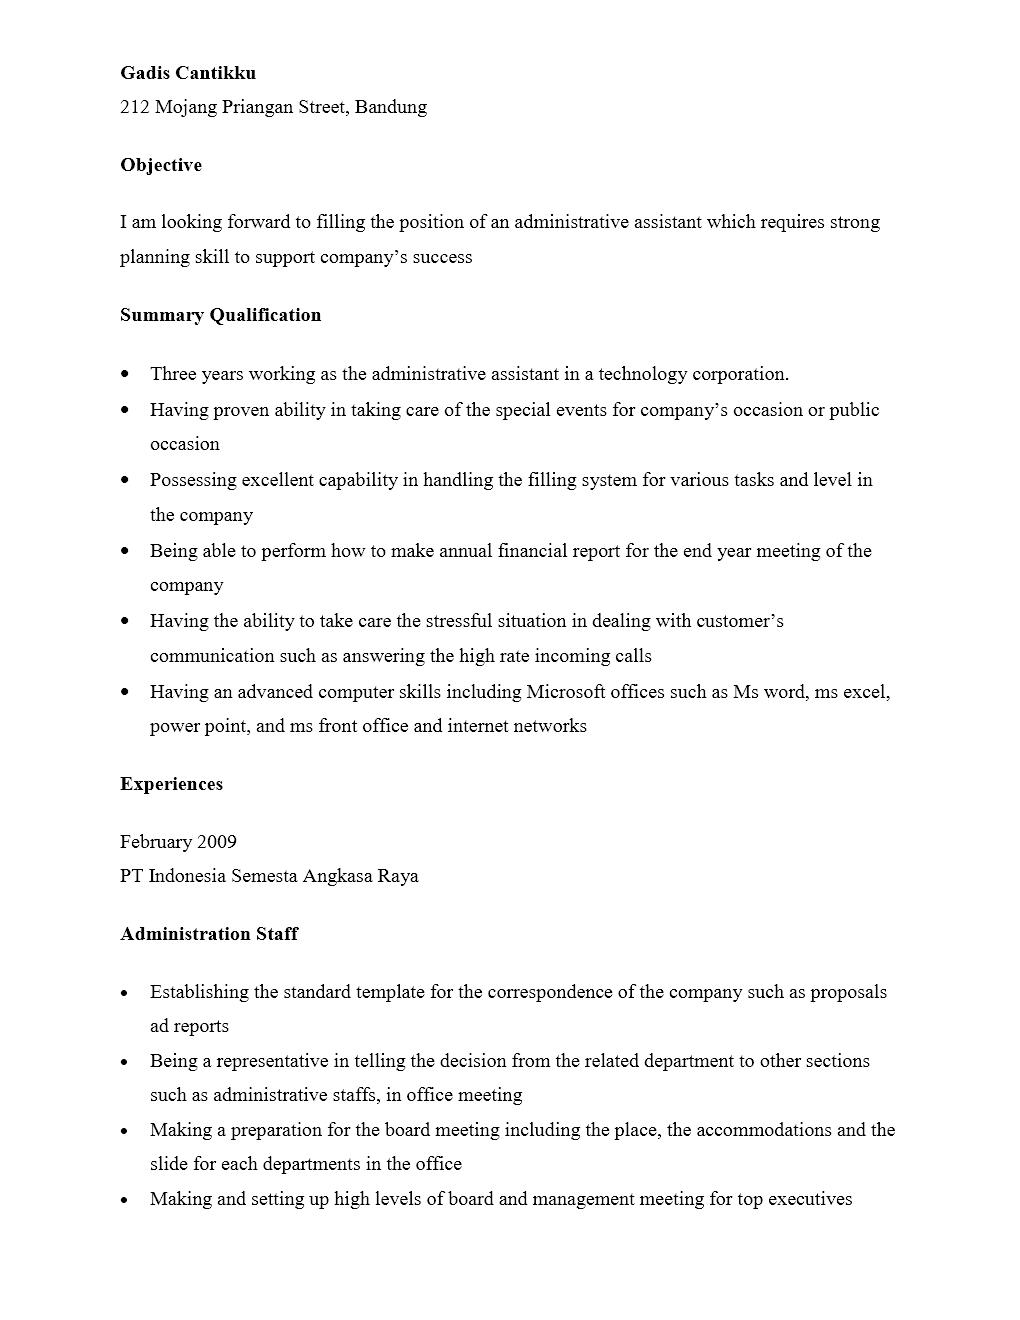 Curriculum Vitae Staf Administrasi Yang Menarik Contoh Surat Org